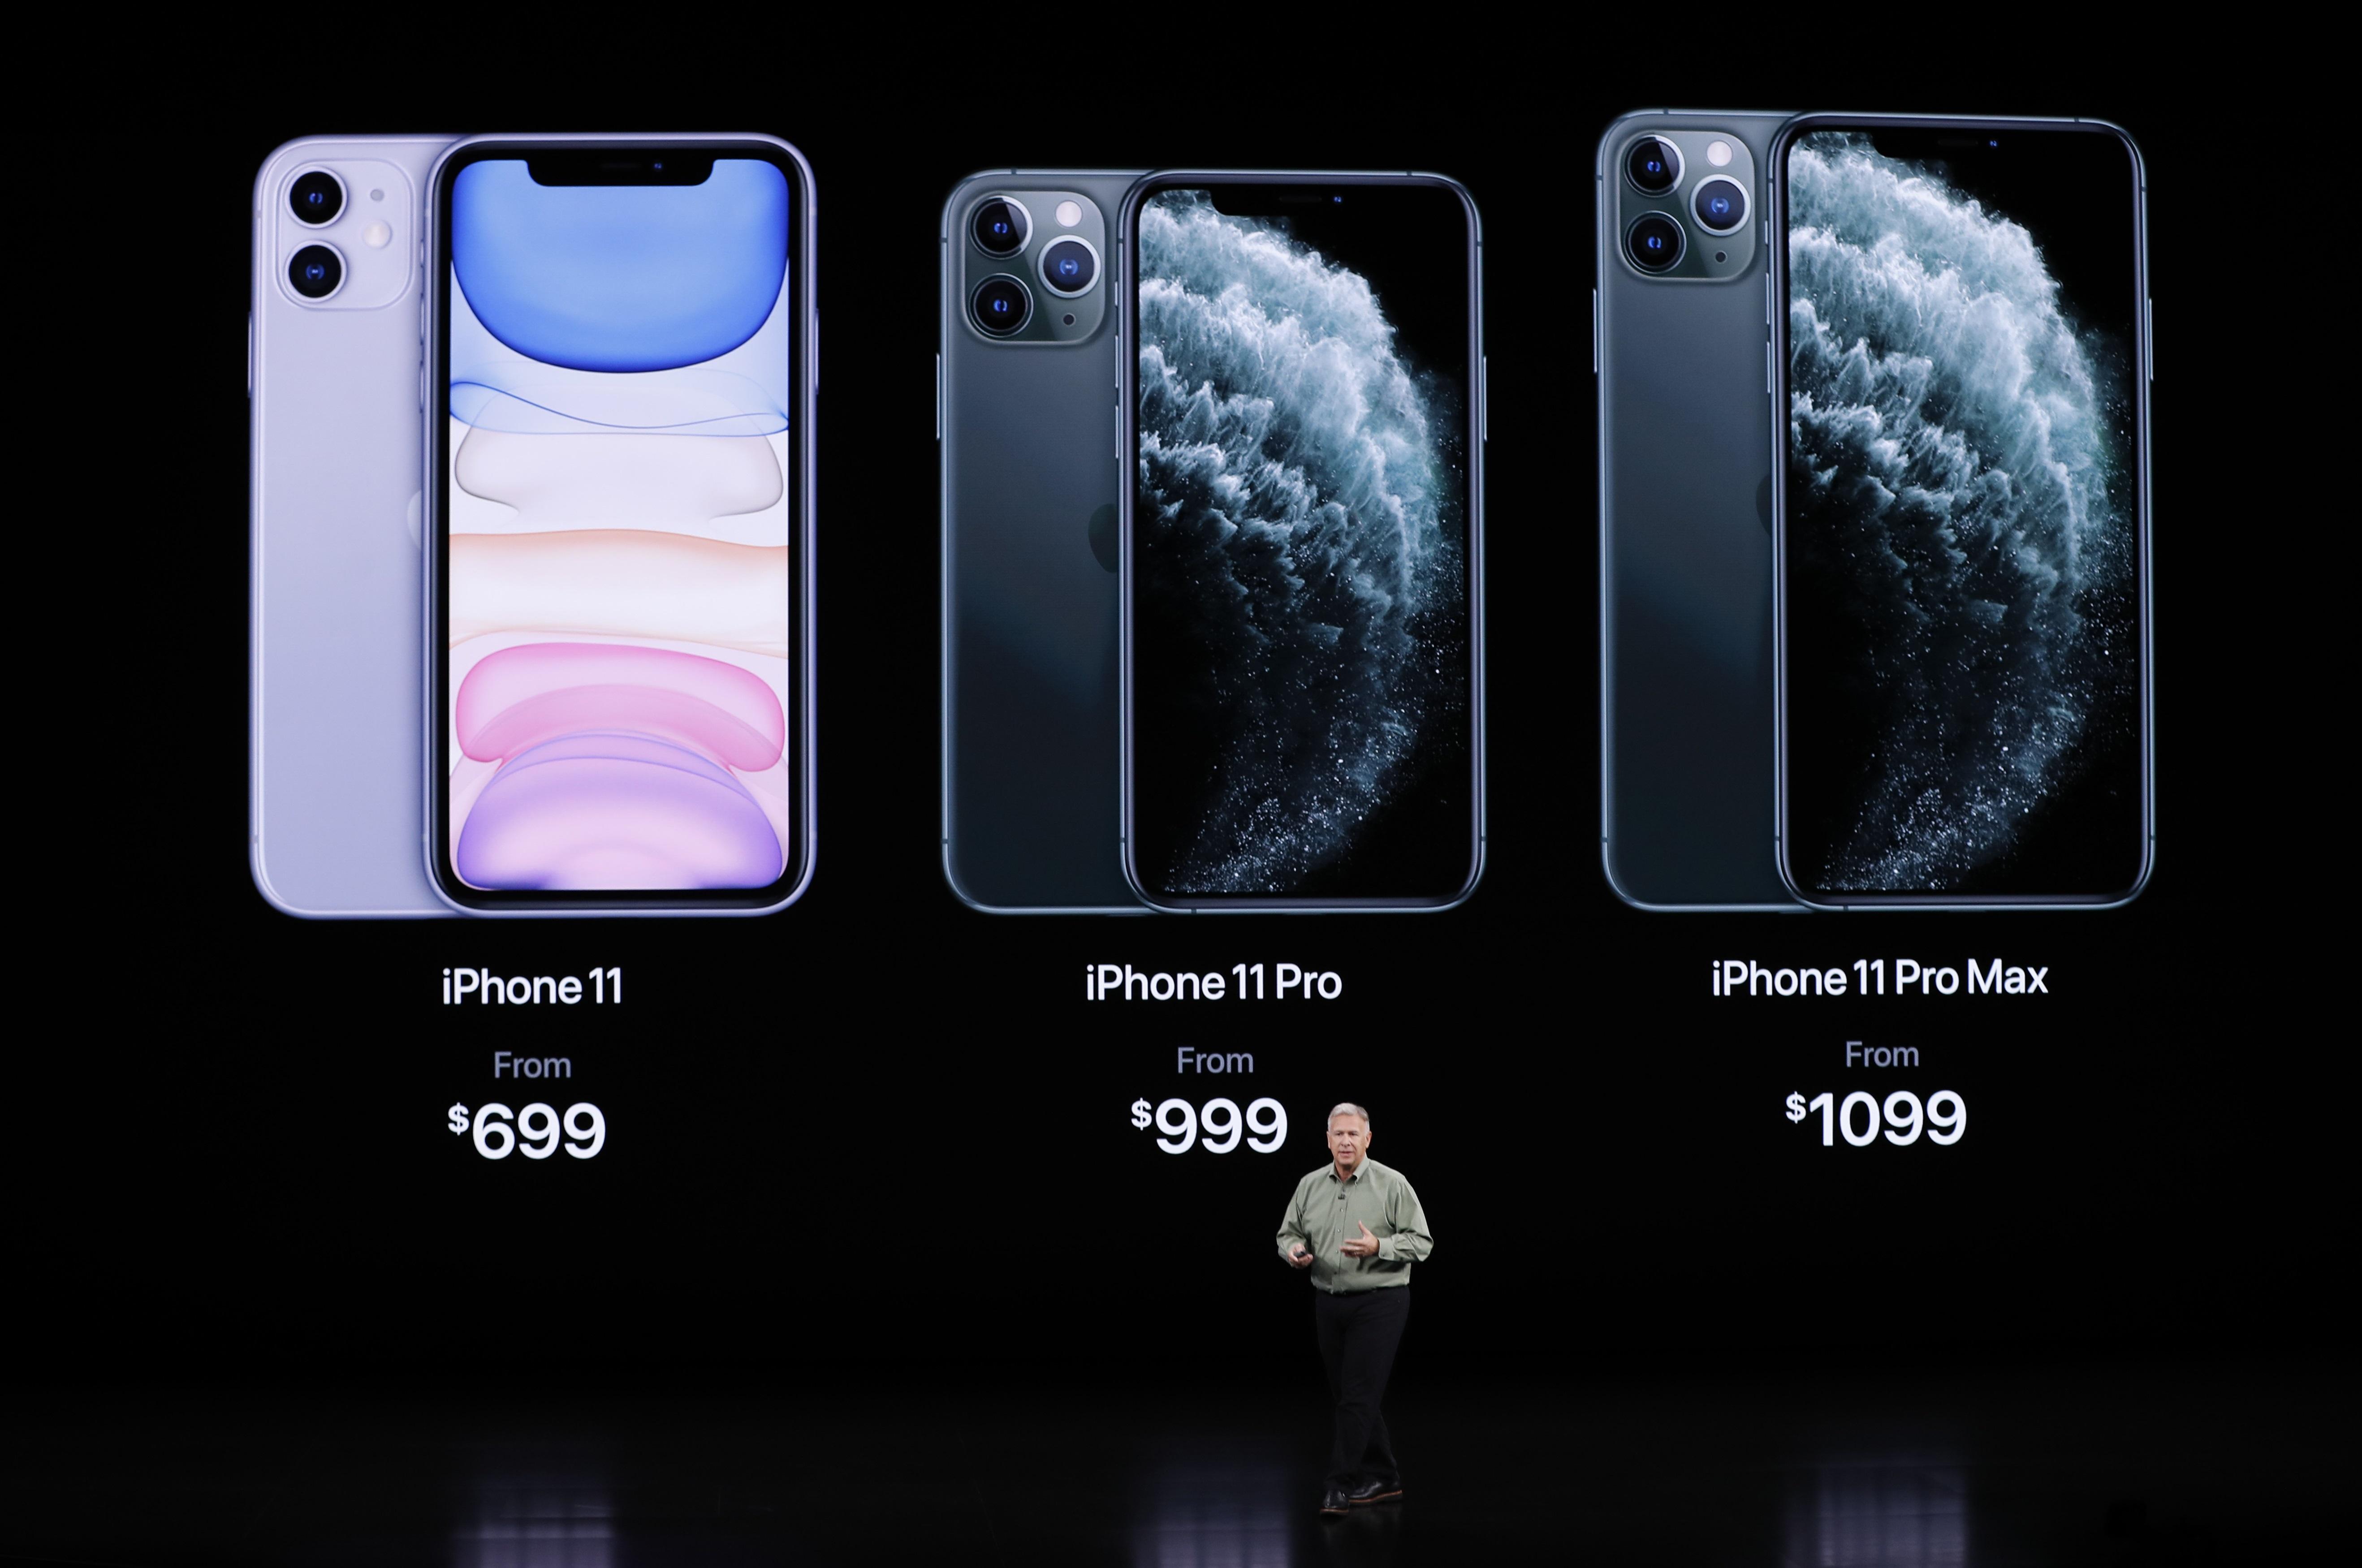 Αυτά είναι τα νέα iPhones - Λαμπερή πρεμιέρα των νέων προϊόντων της Apple! [pics, video]